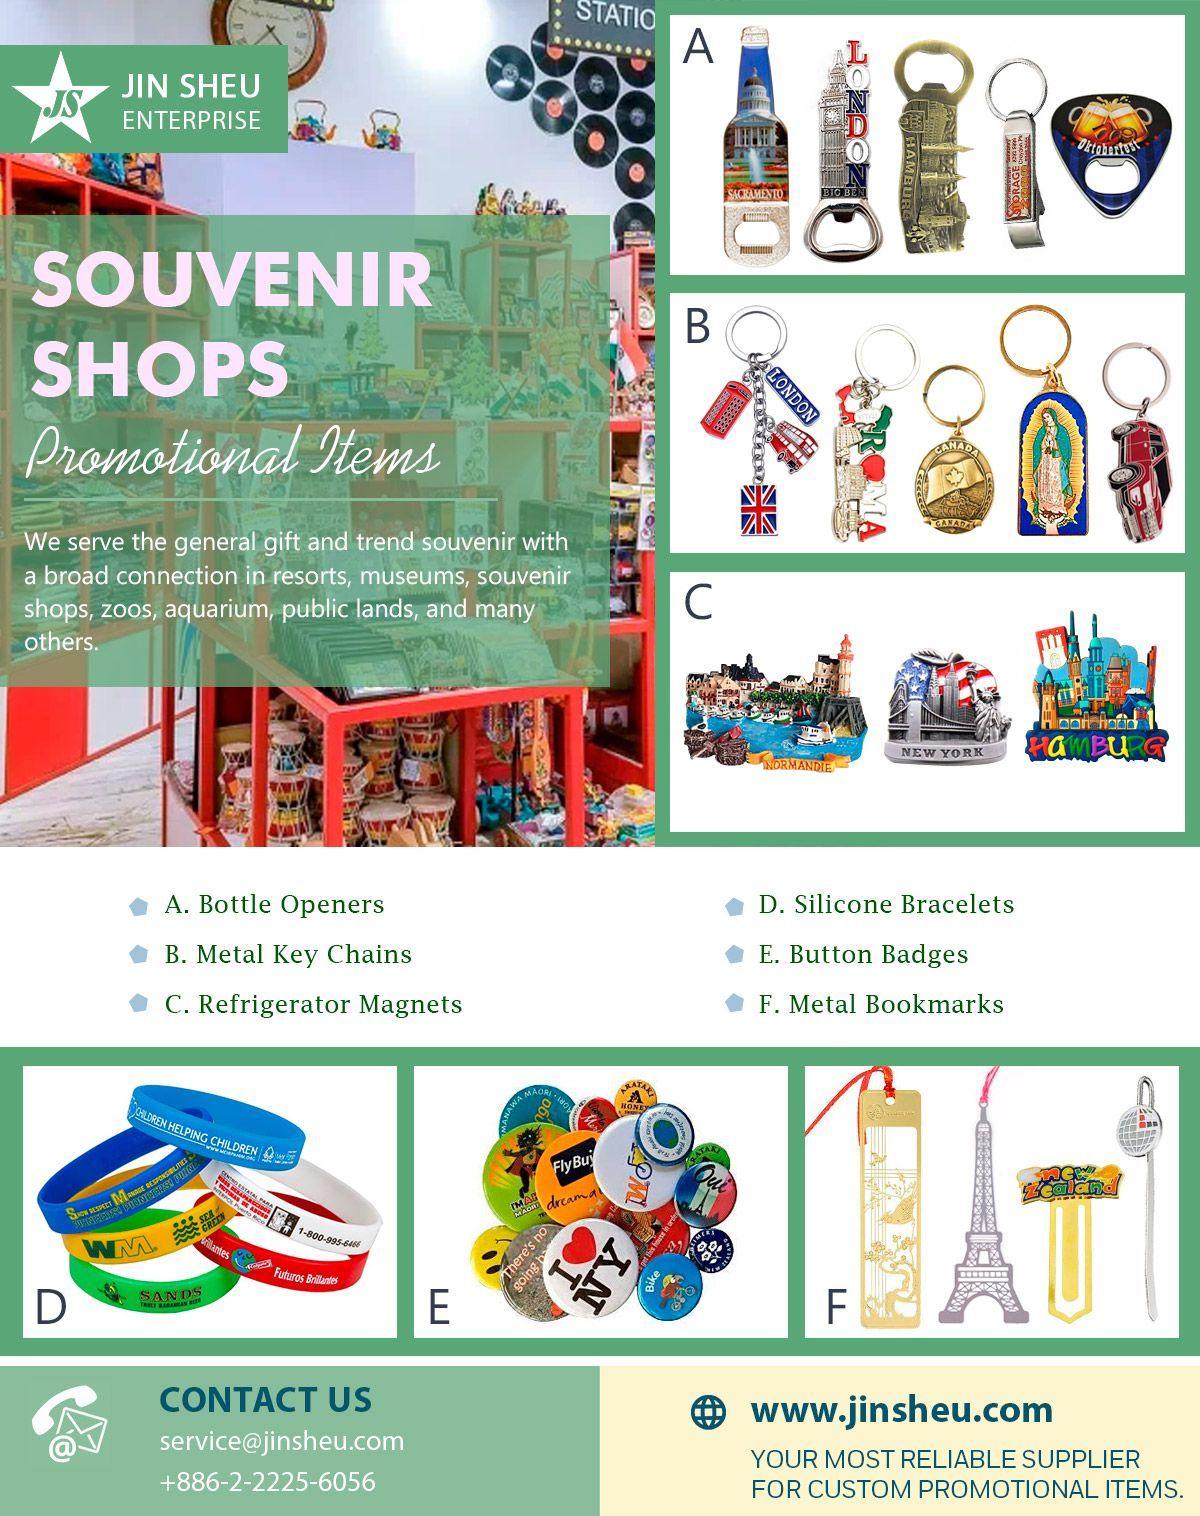 Promotional Items for Souvenir Shops